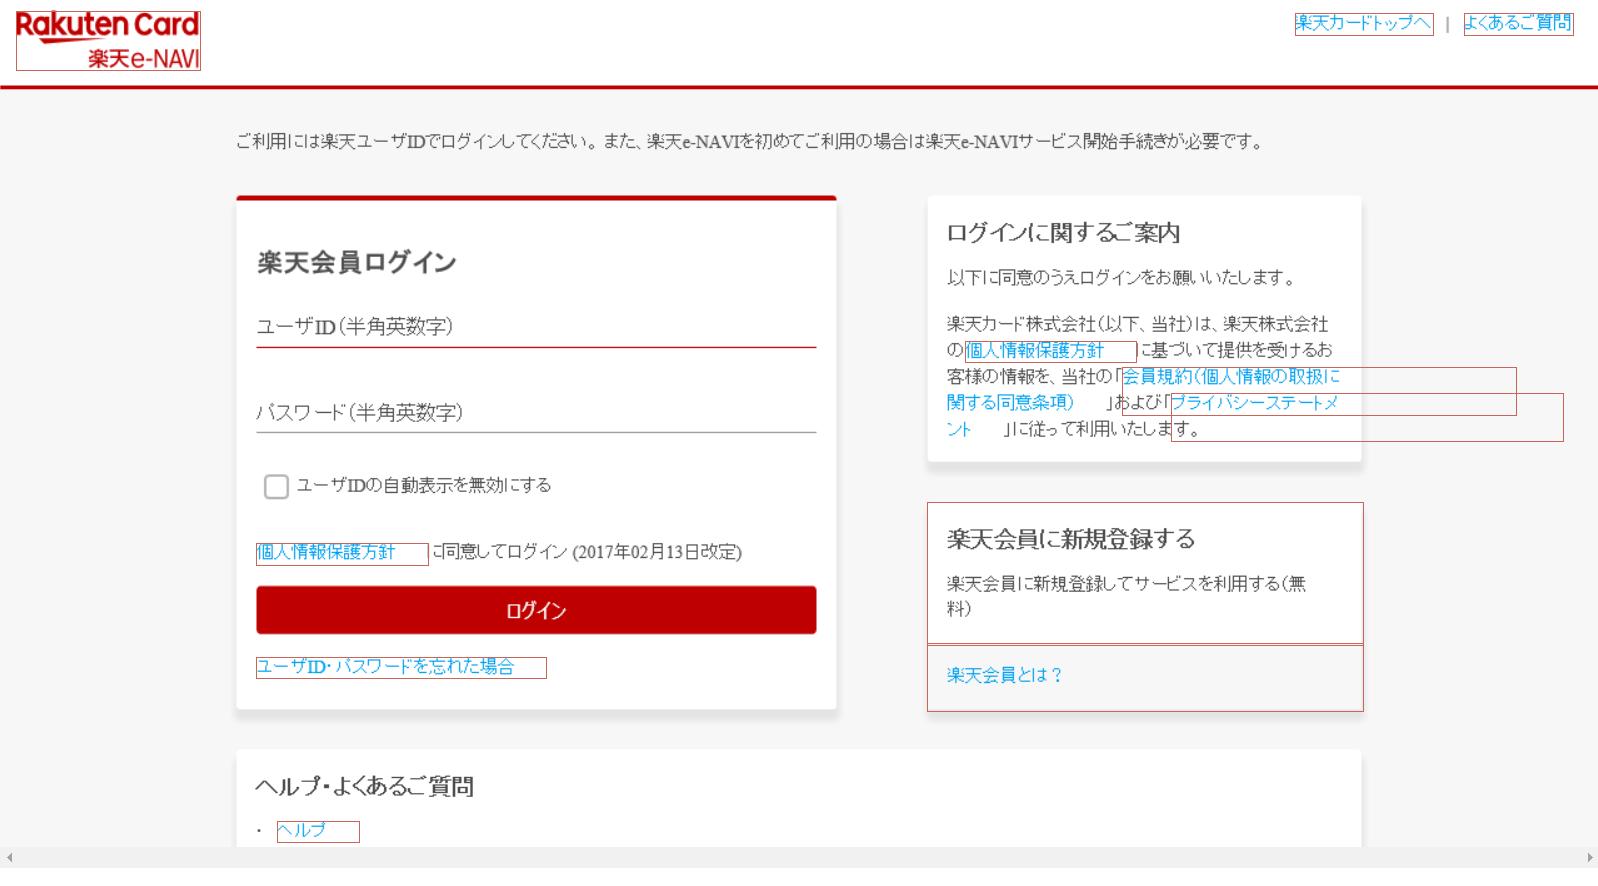 確認 検出 使用 を が し て amazon 必ず 外部 ます アカウント ご し を ください アクセス お客様